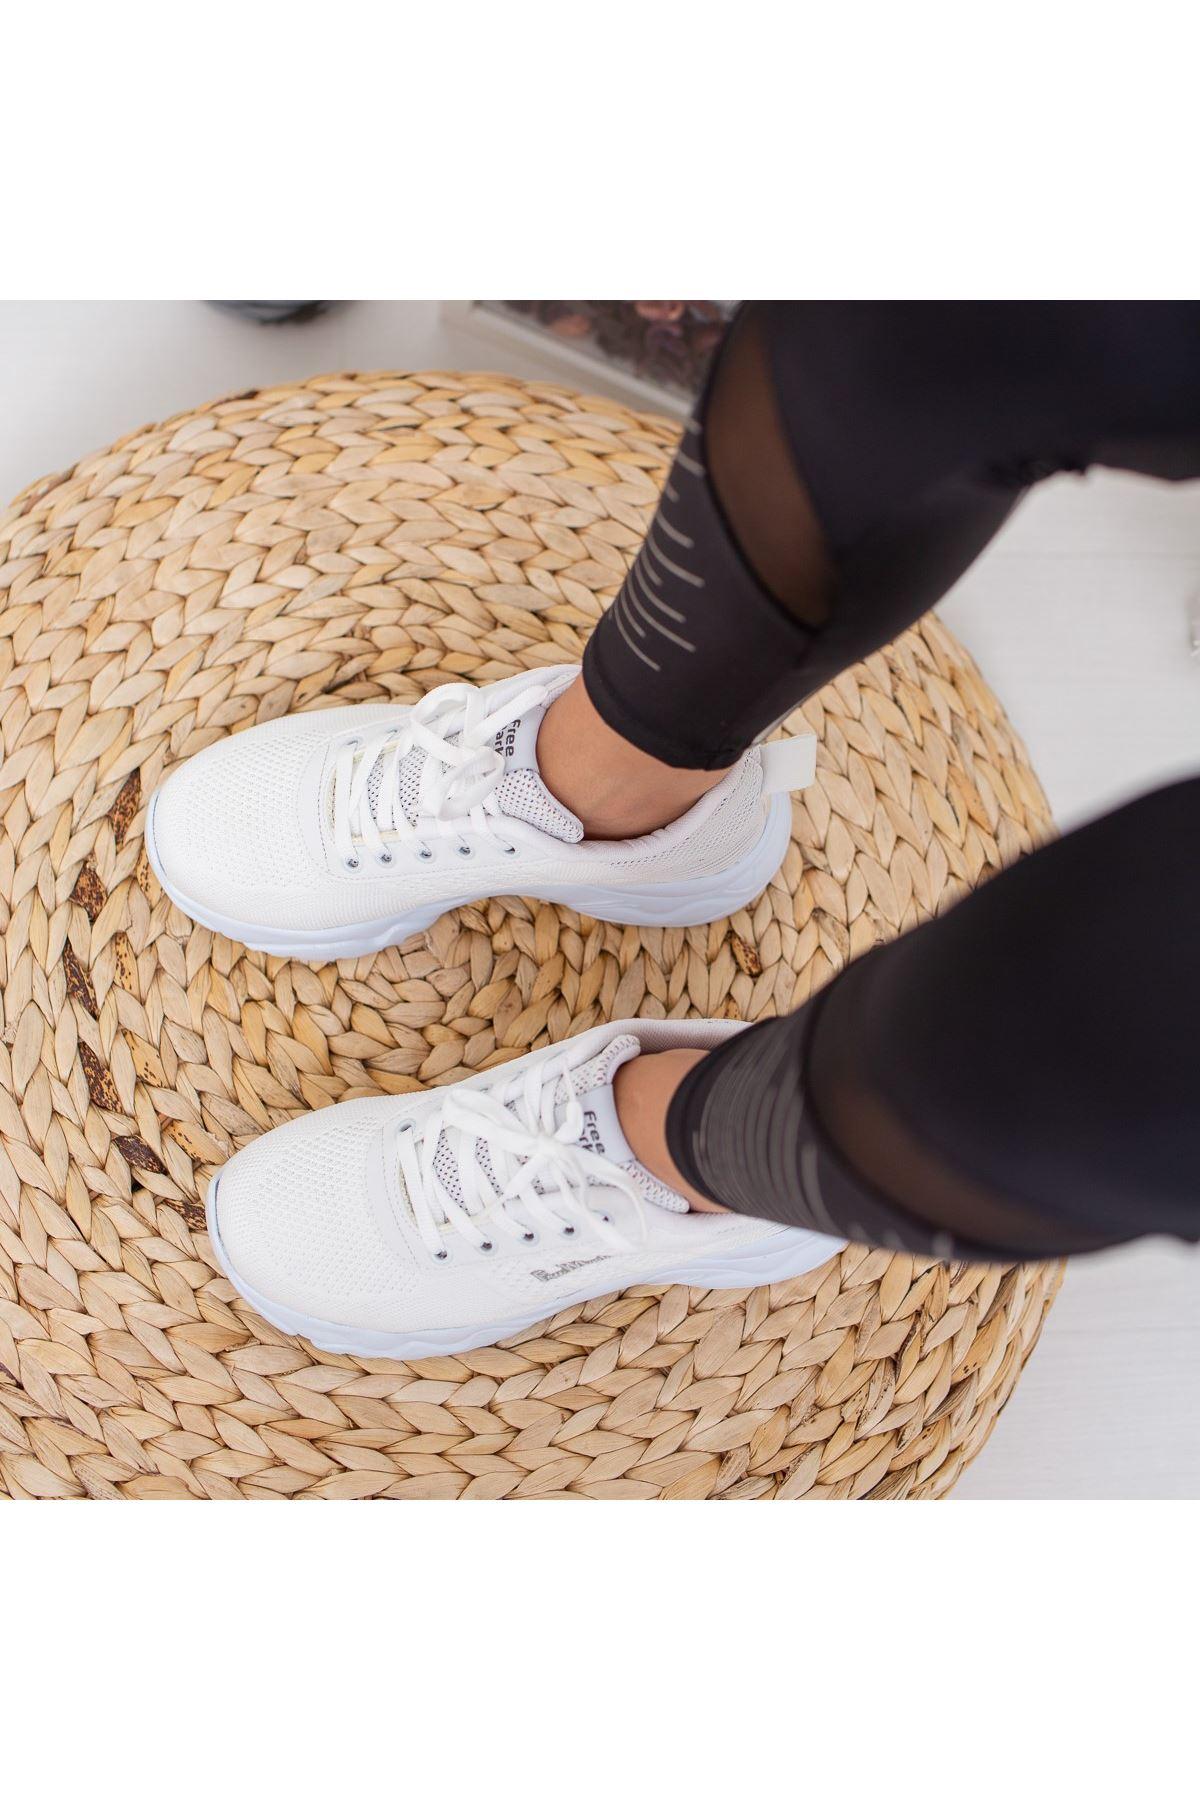 Katyi Yüksek Tabanlı Beyaz Spor Ayakkabı